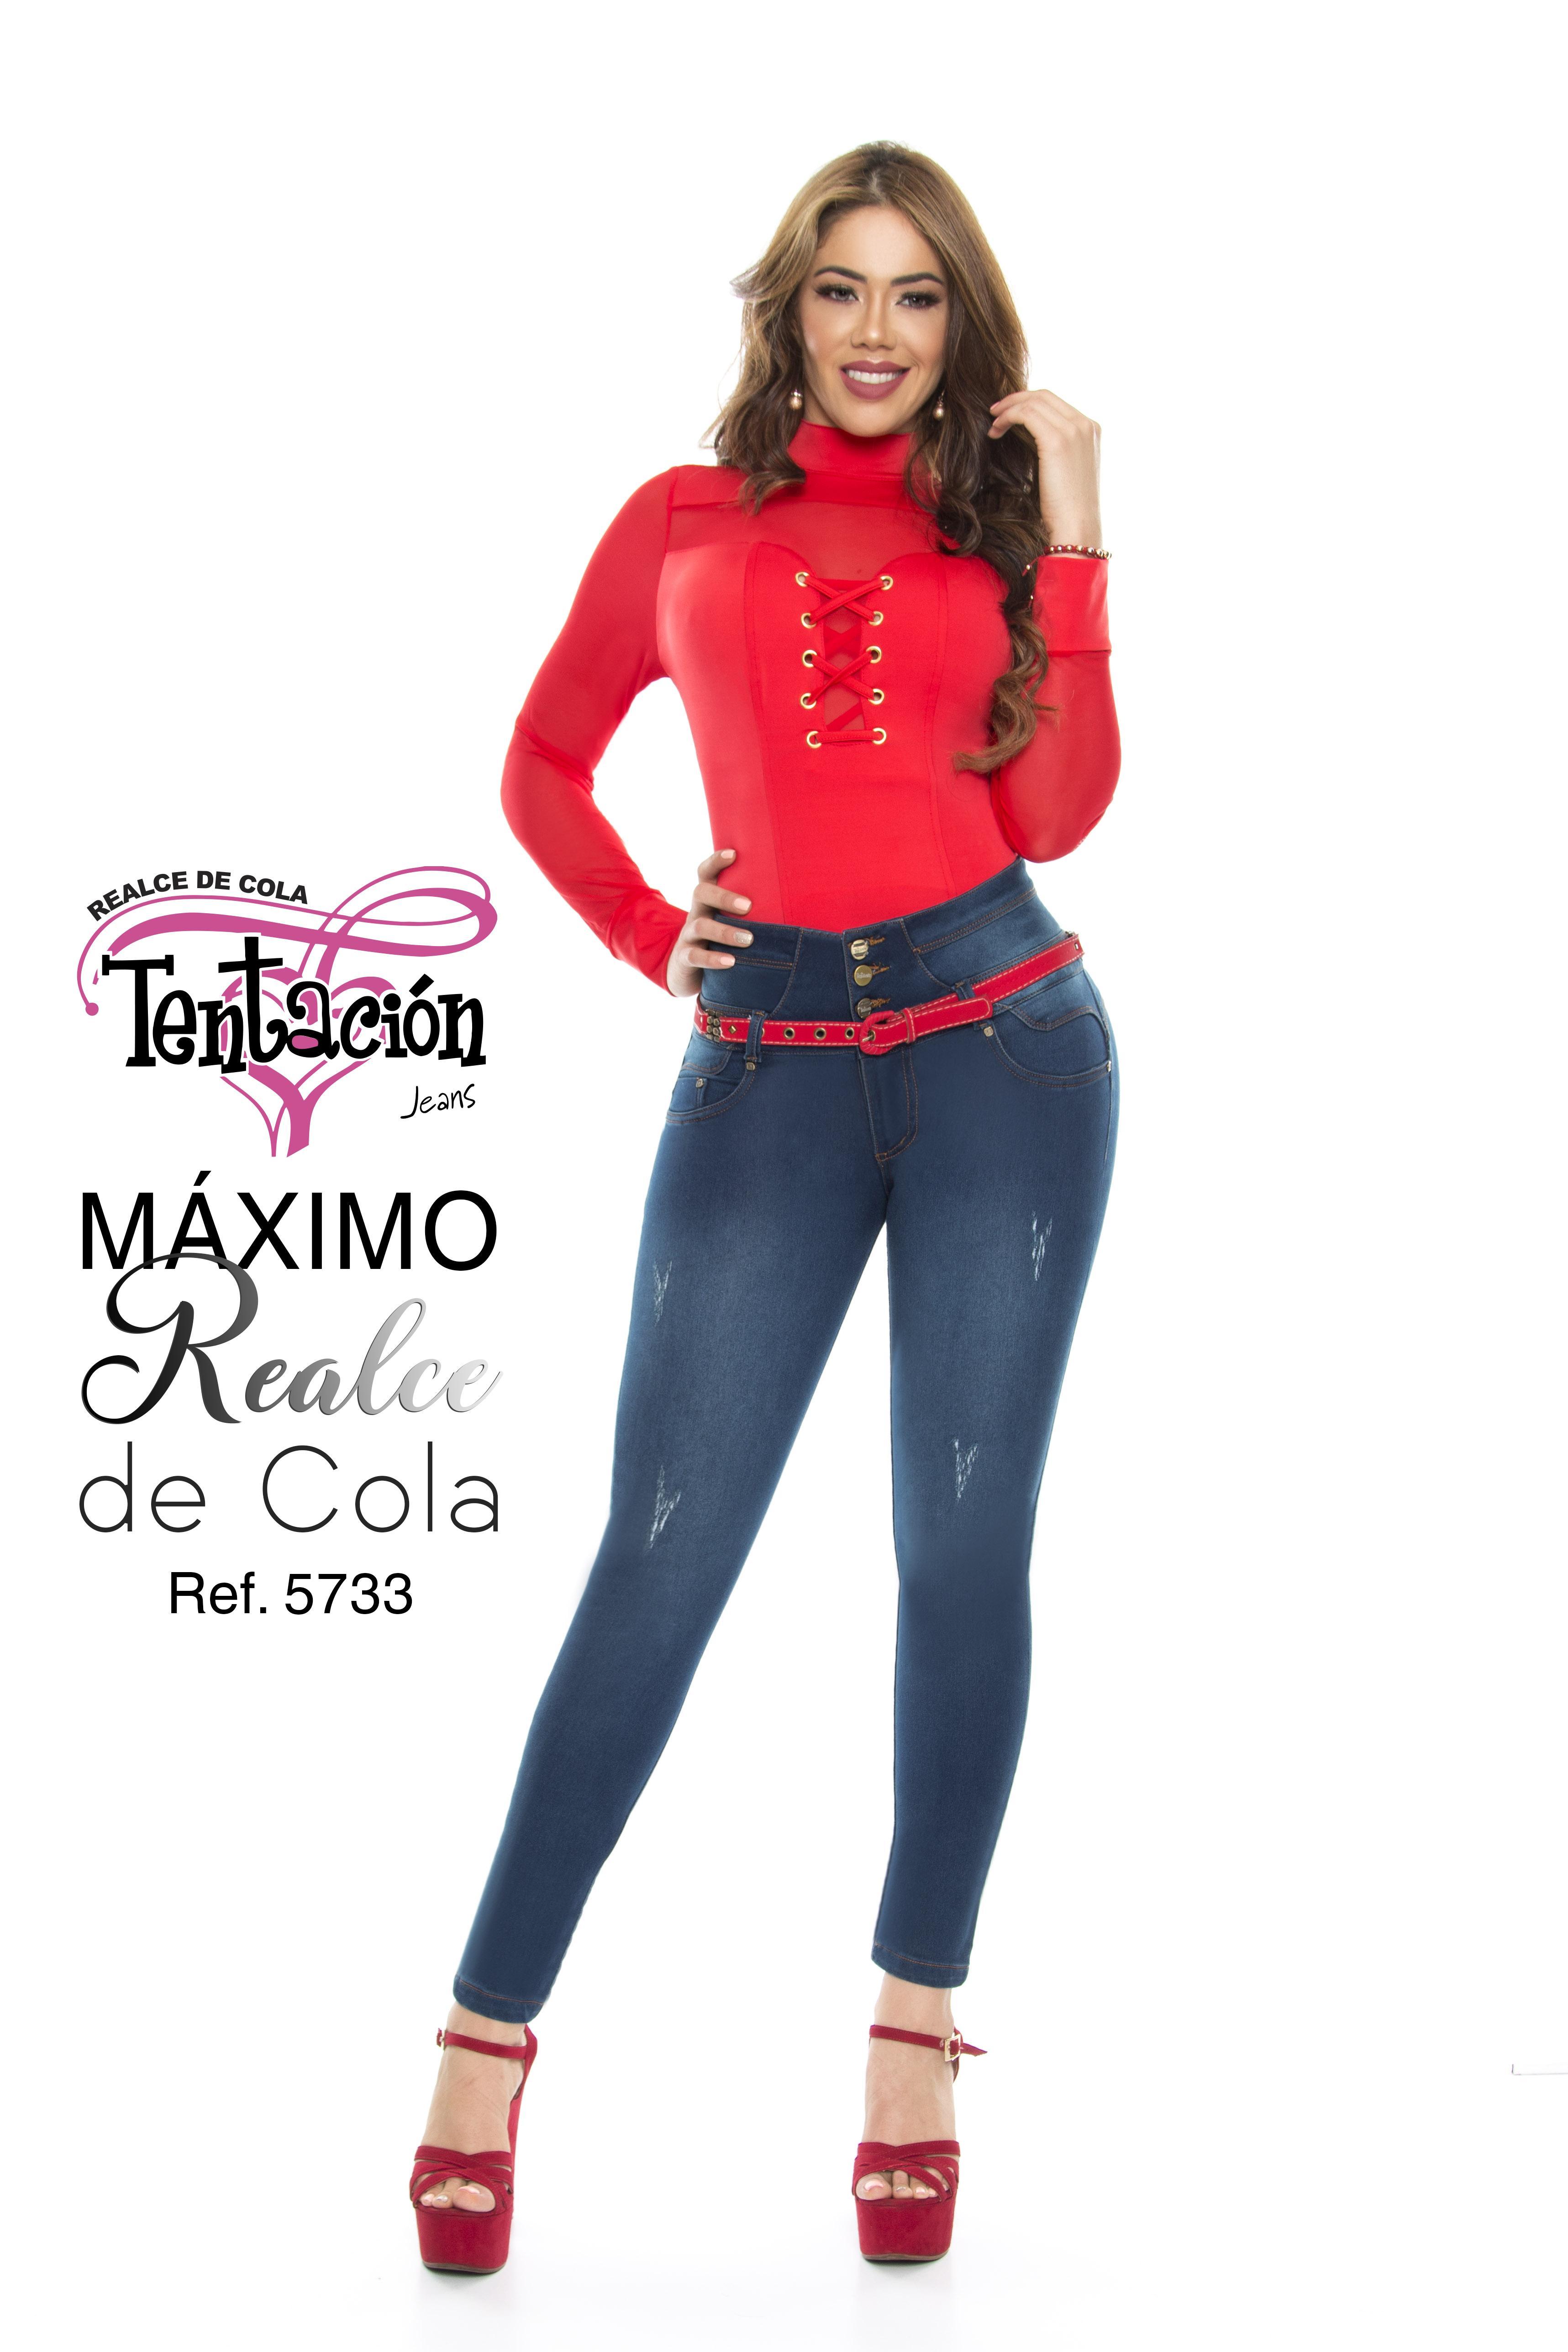 Jean Vaquero de Moda Realce Máximo de Cola y Ajuste Perfecto.